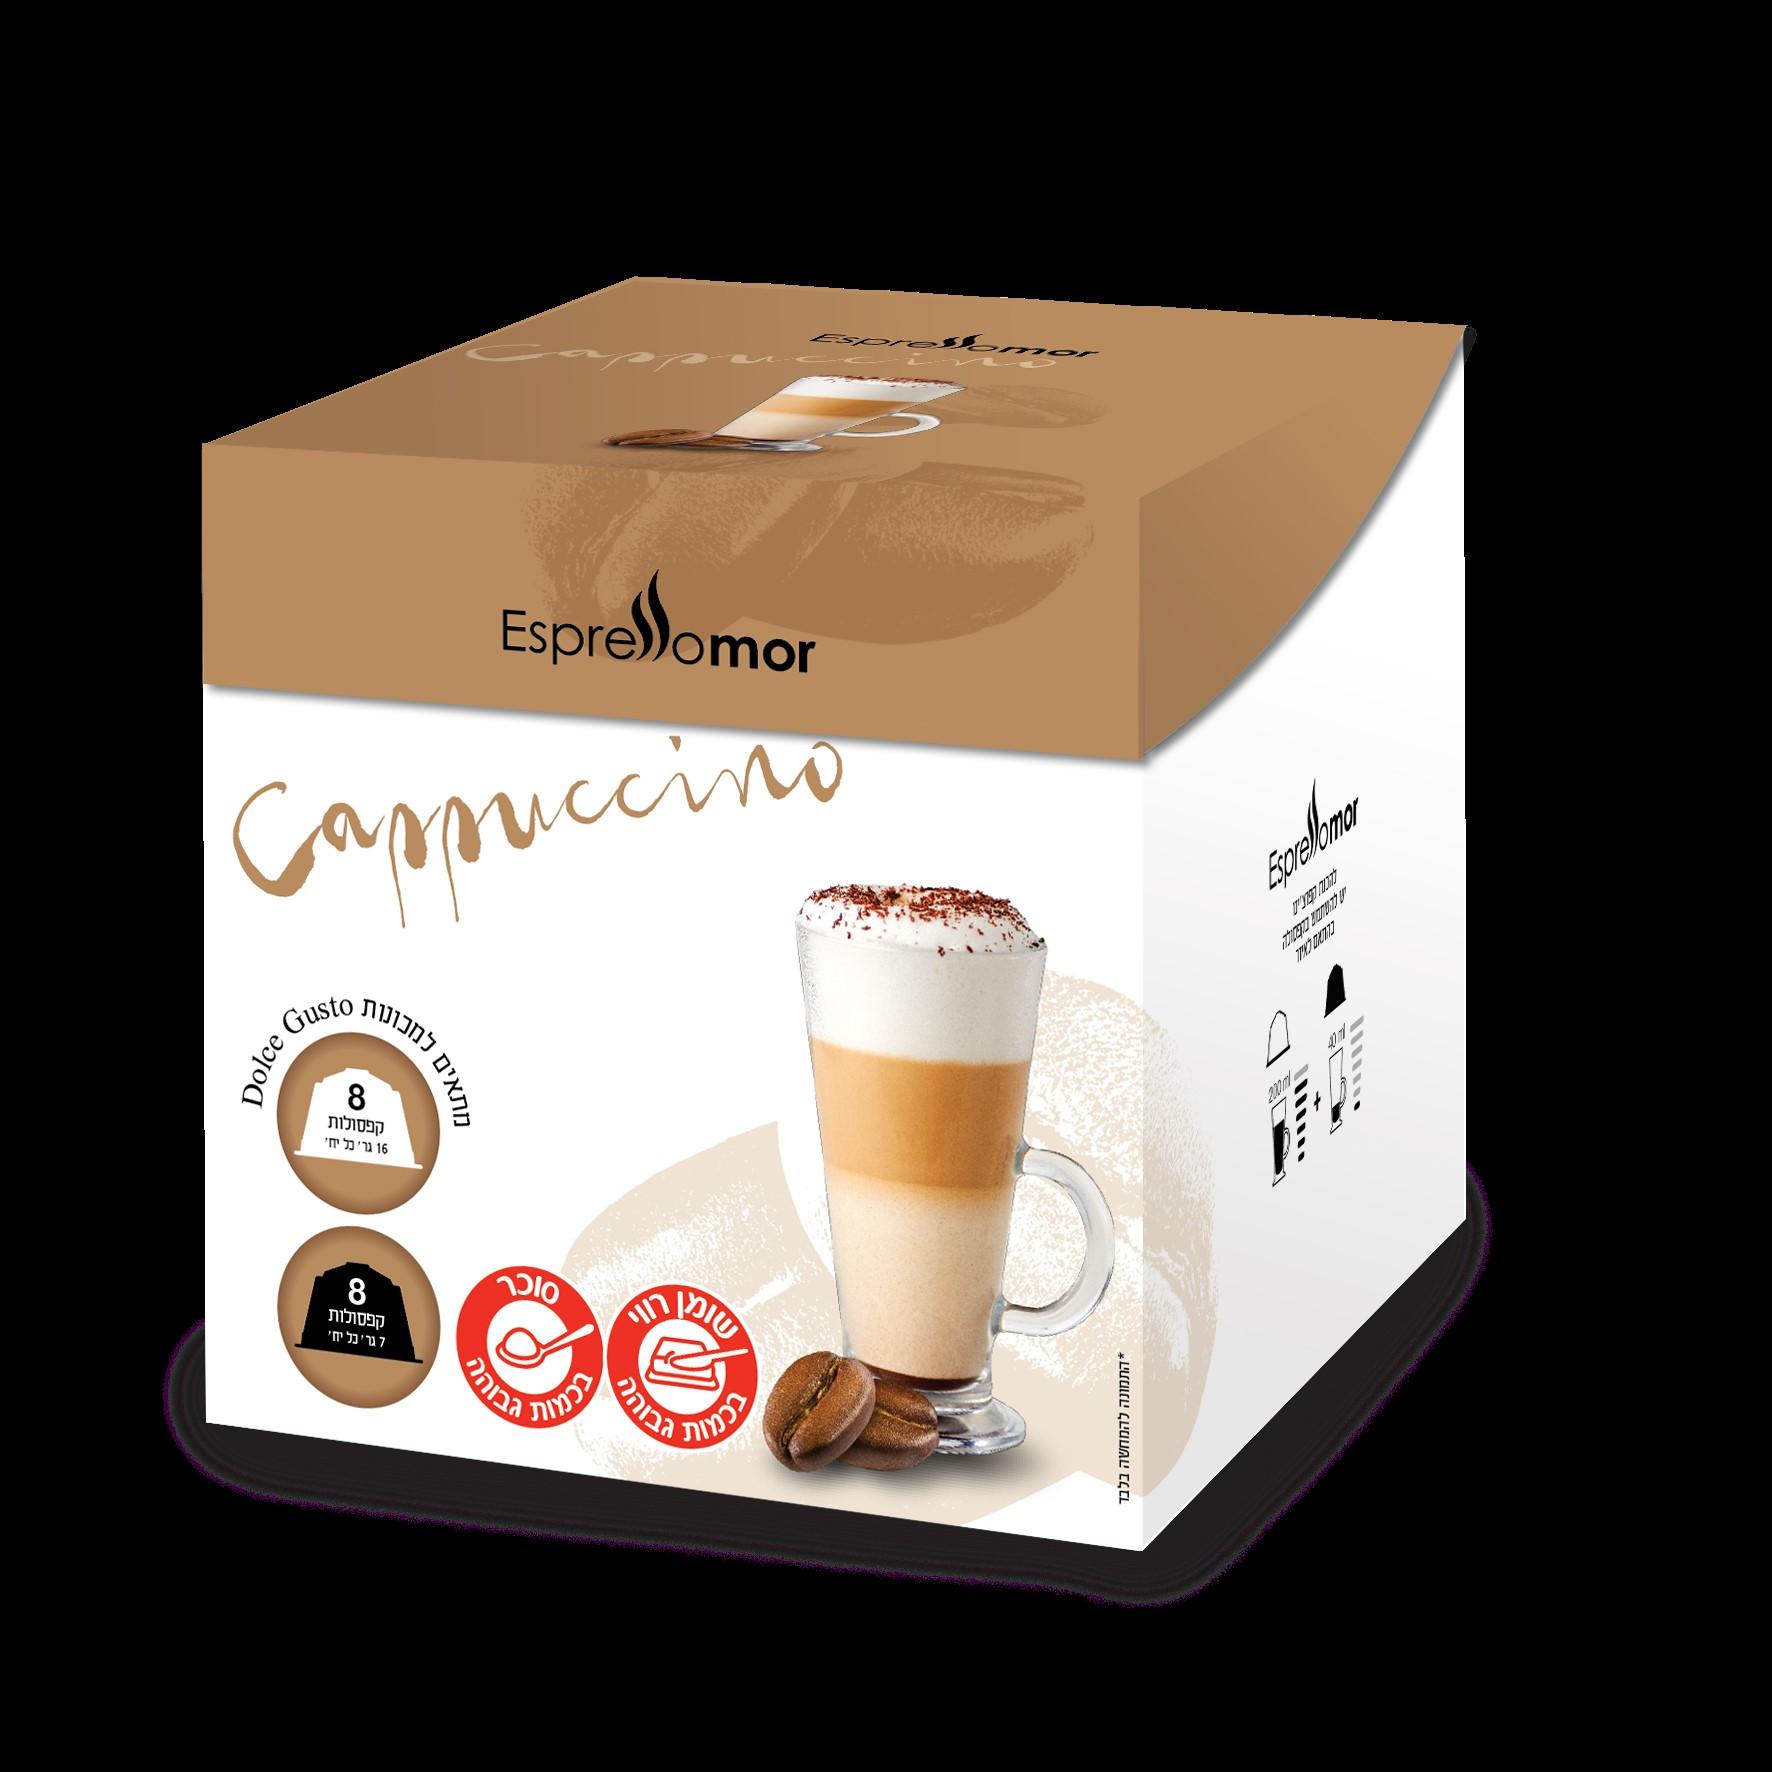 16 קפסולות תואמות דולצה גוסטו Espressomor Cappuccino Dolce Gusto